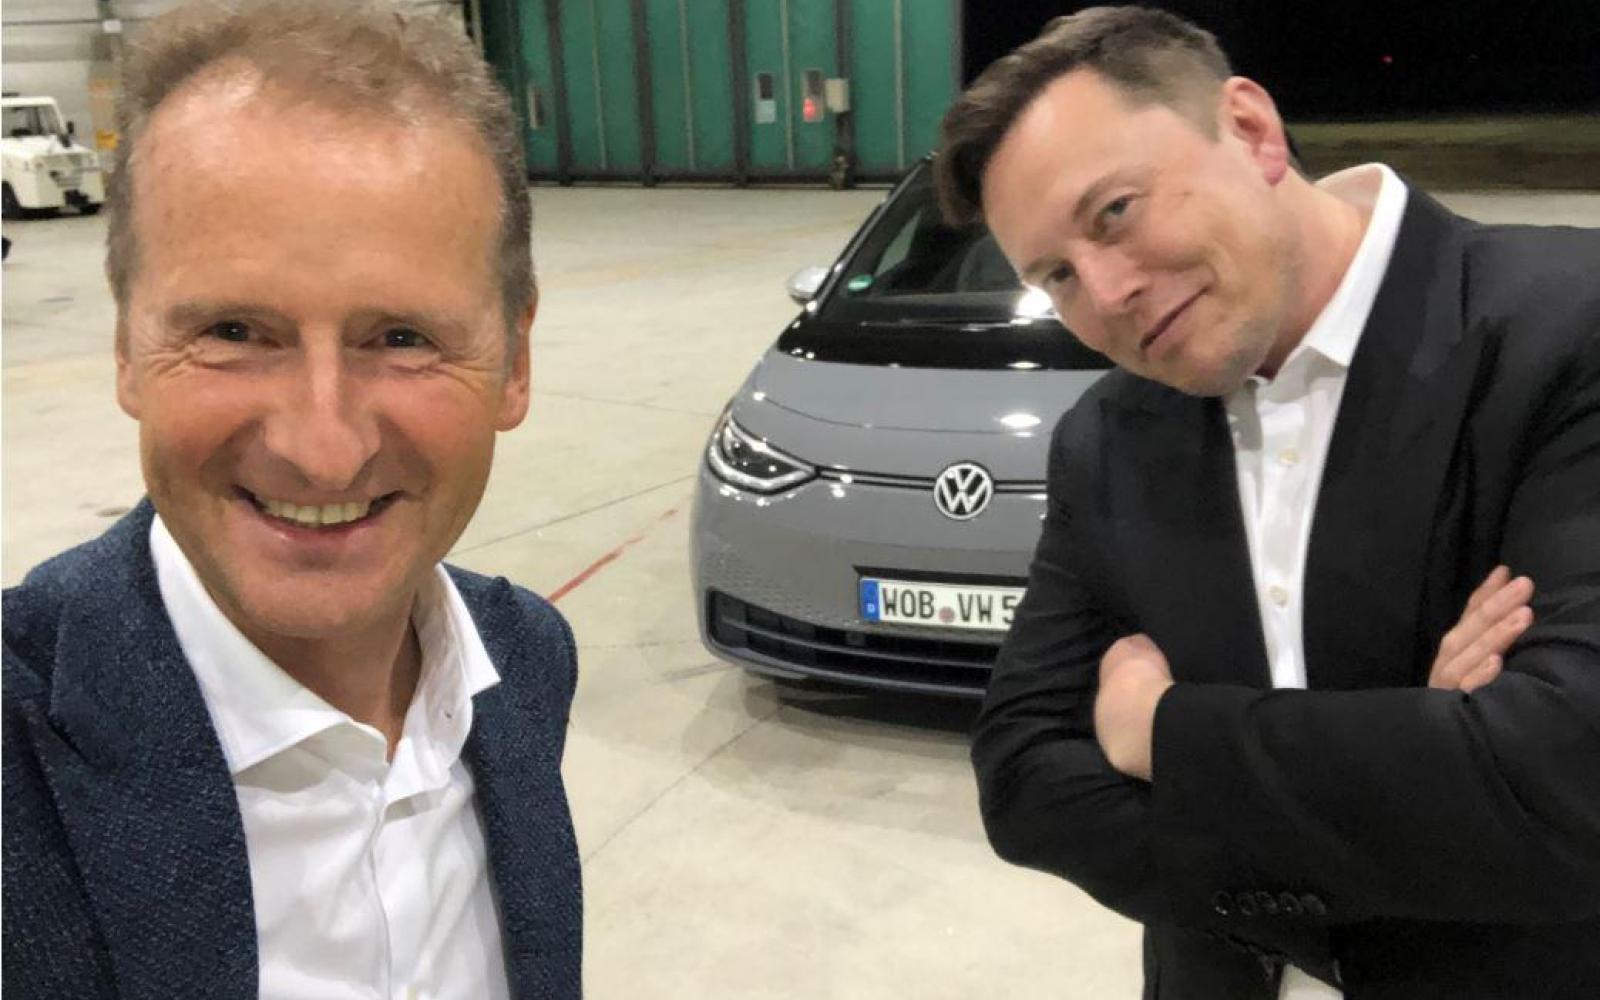 Tesla-topman Elon Musk geeft Volkswagen ID.3 een onpliment